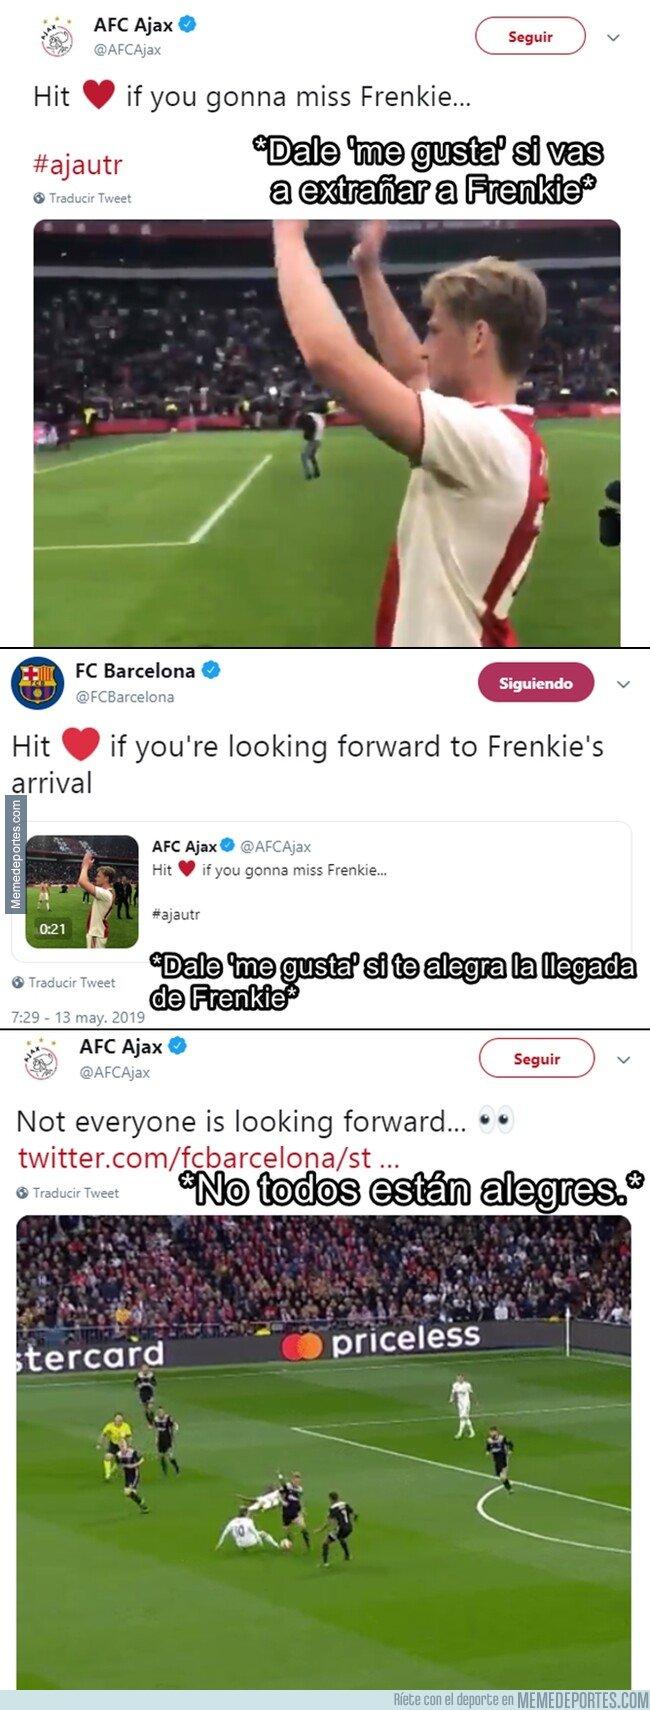 1074915 - La respuesta del Ajax en una épica conversación con el Barça